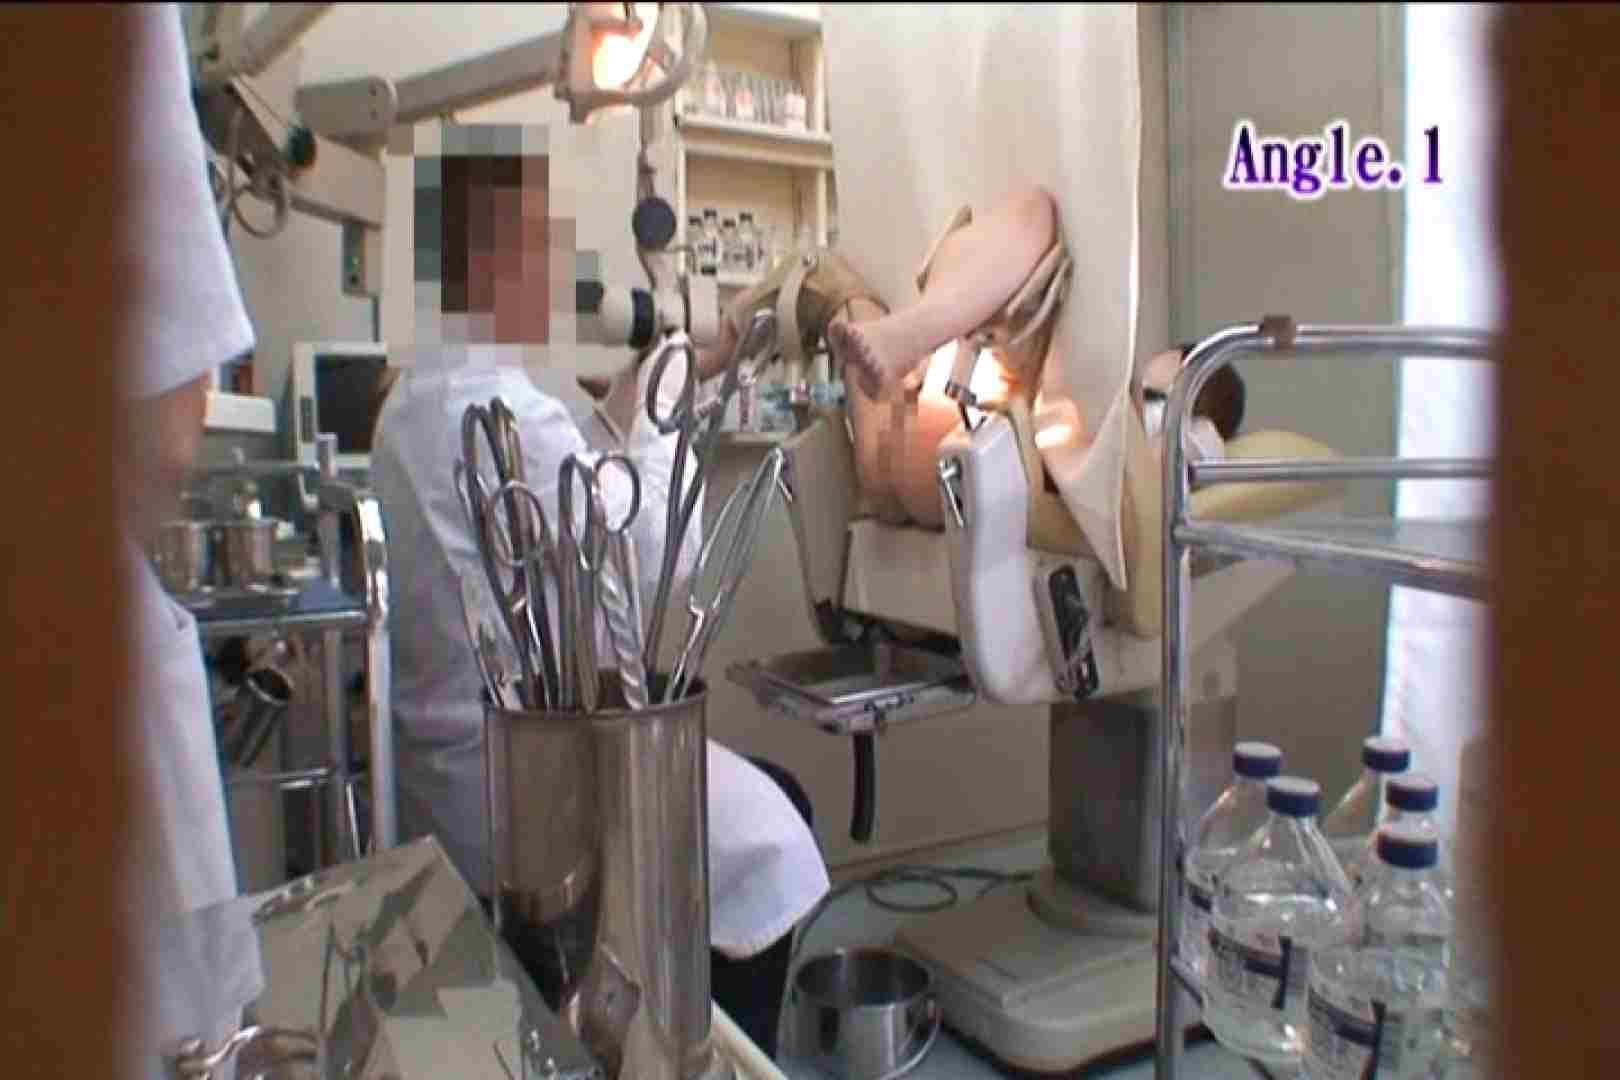 患者のおまんこをコレクションする変態医師の流出映像Vol.1 おまんこ  78pic 33